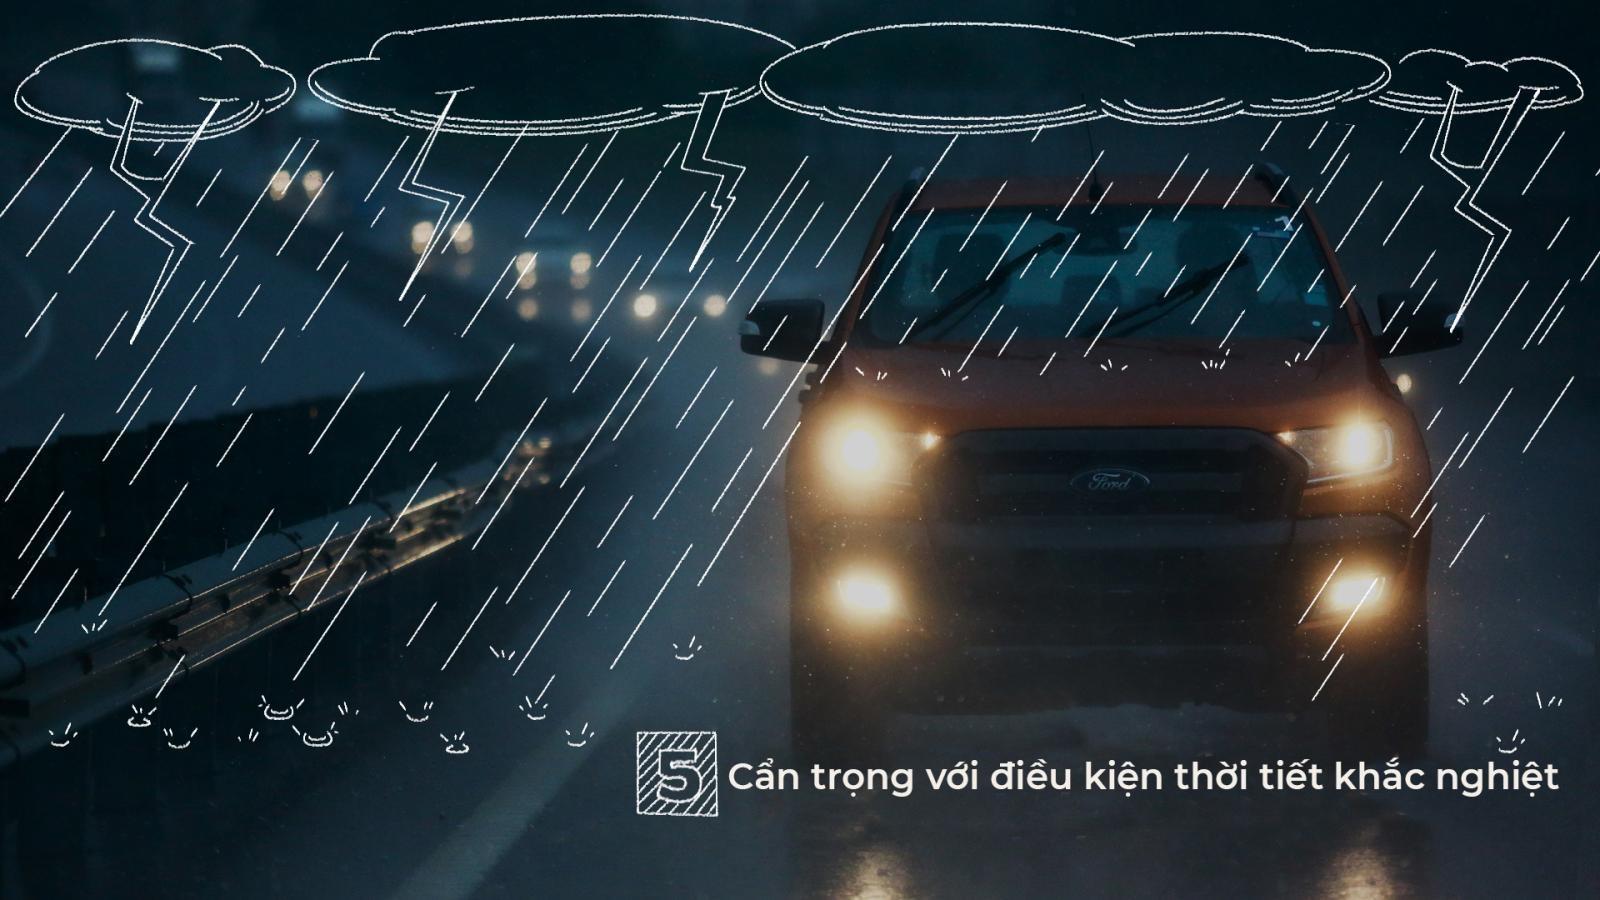 Thời tiết thay đổi khiến lái xe cũng cần phải luôn thích ứng cách lái cho phù hợp.